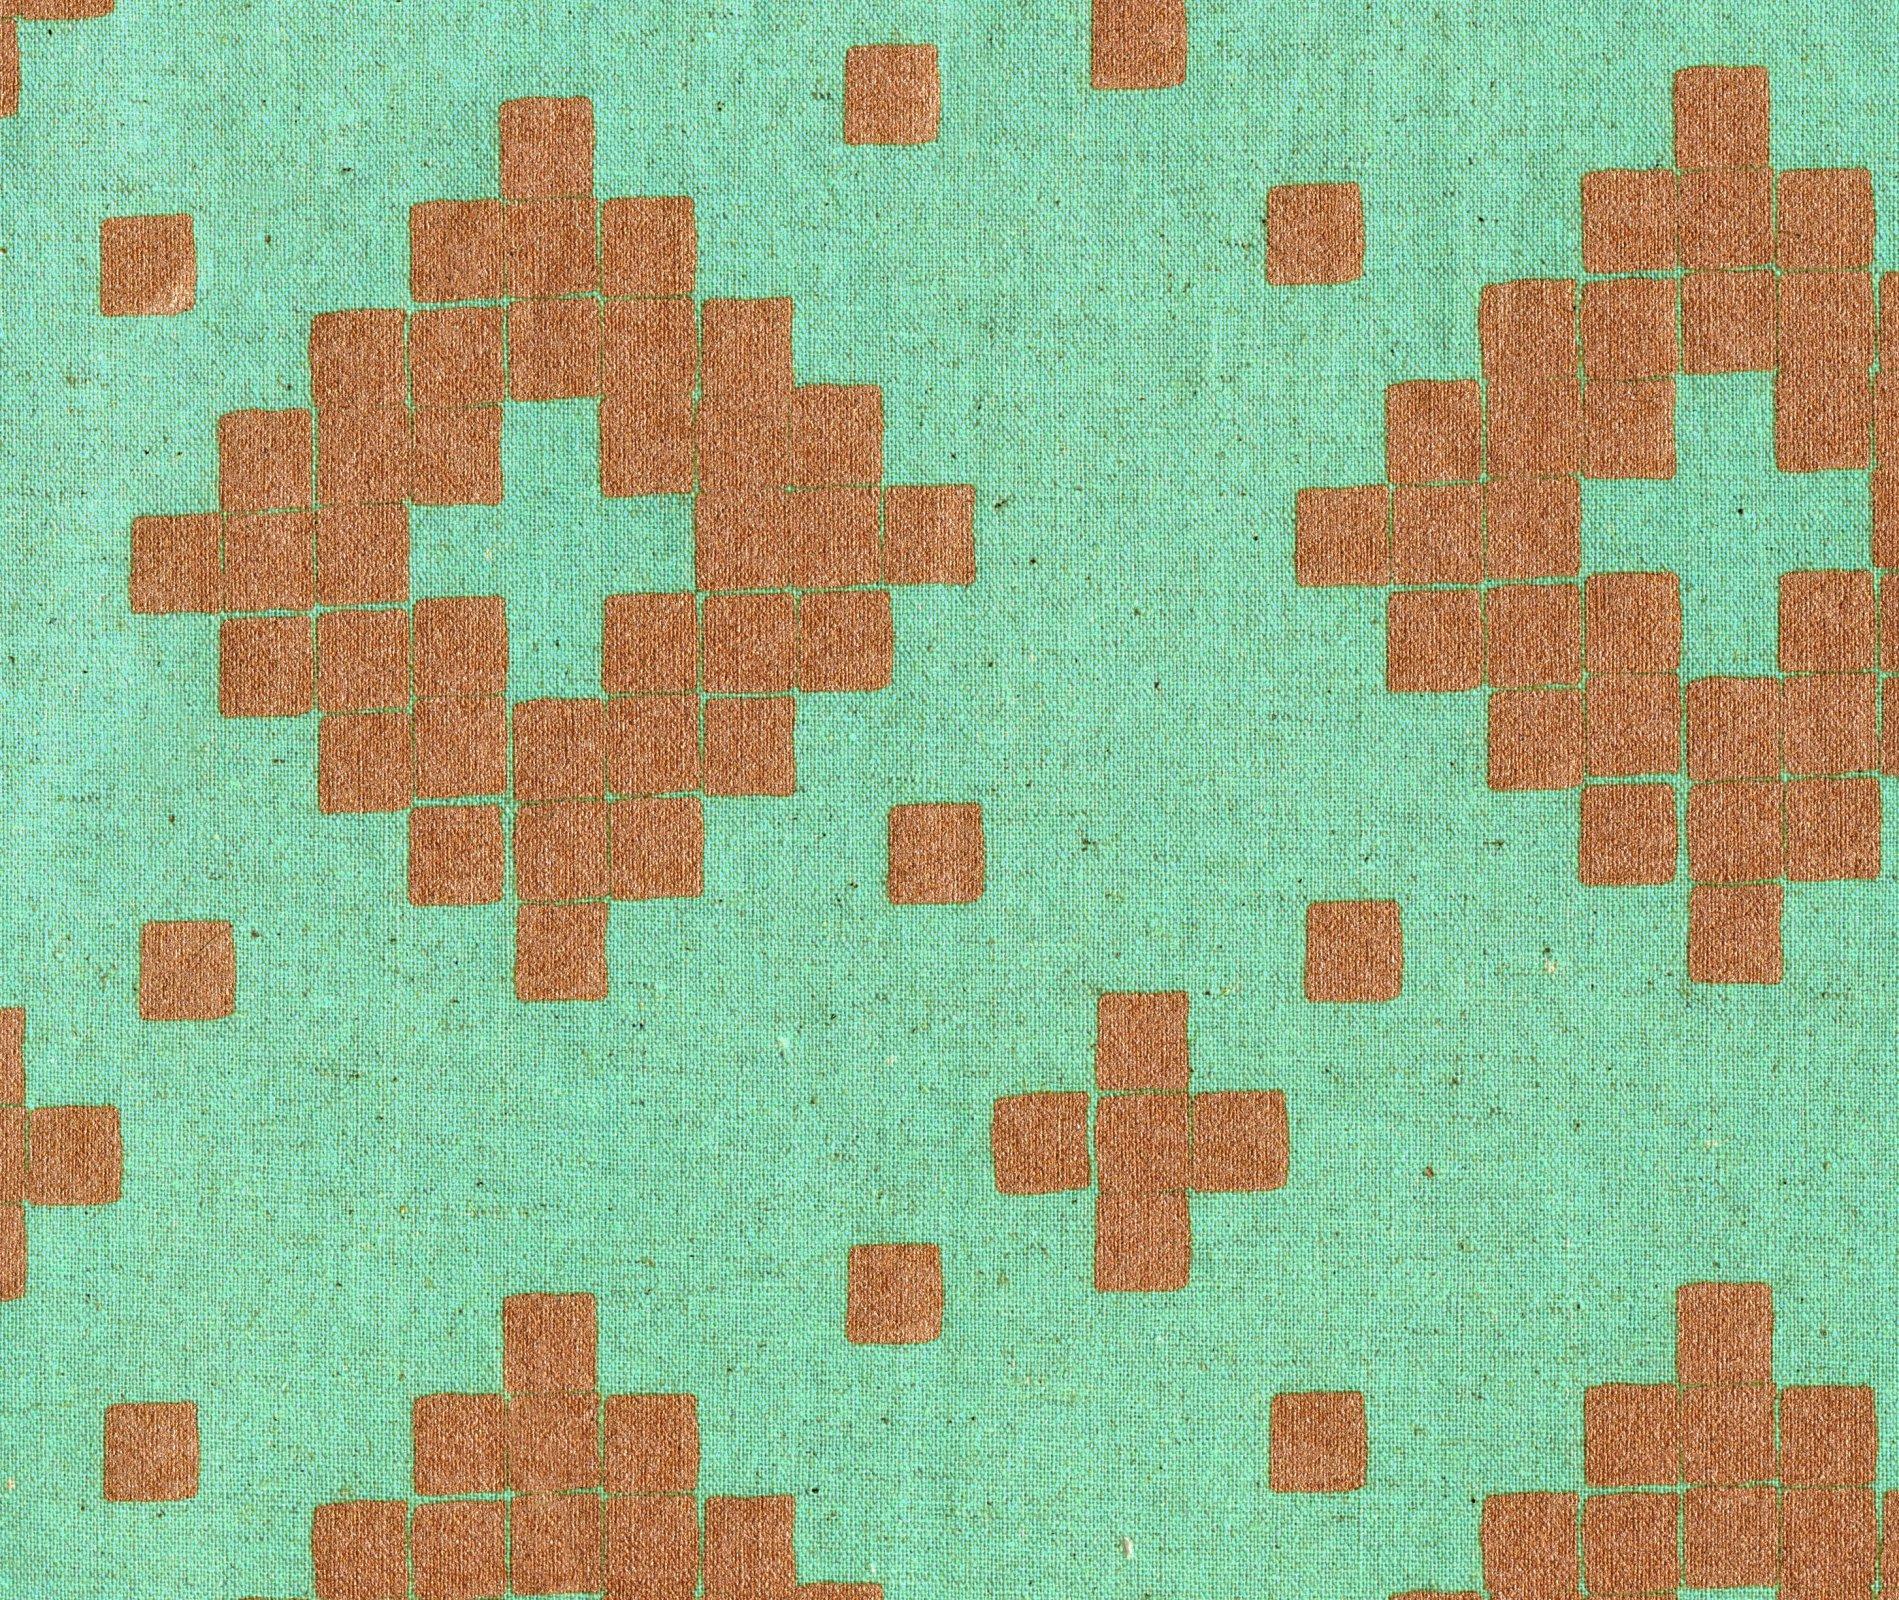 Mesa Tile Cotton Linen Canvas - Aqua Metallic